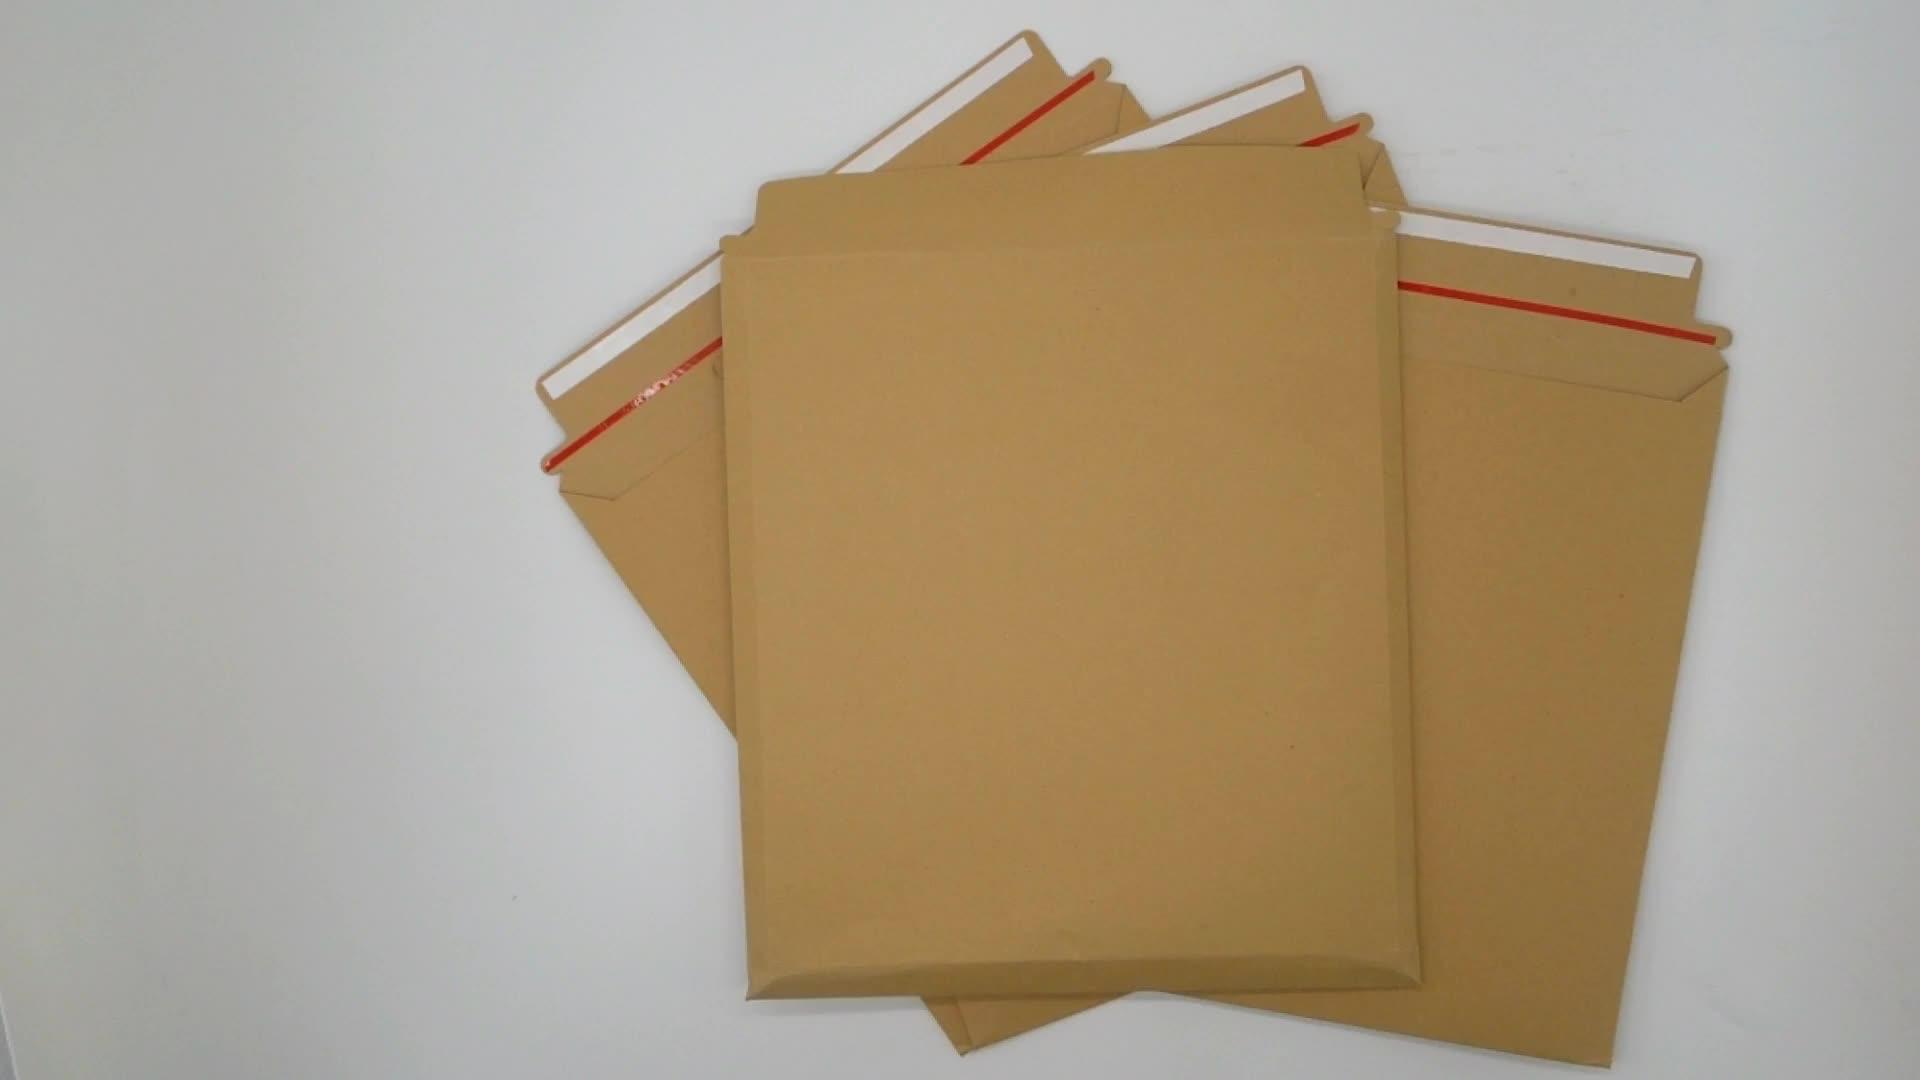 Foto rígida Envelopes Reciclados Mailer Envelope Envelopes De Papelão Duro Ficar Plana